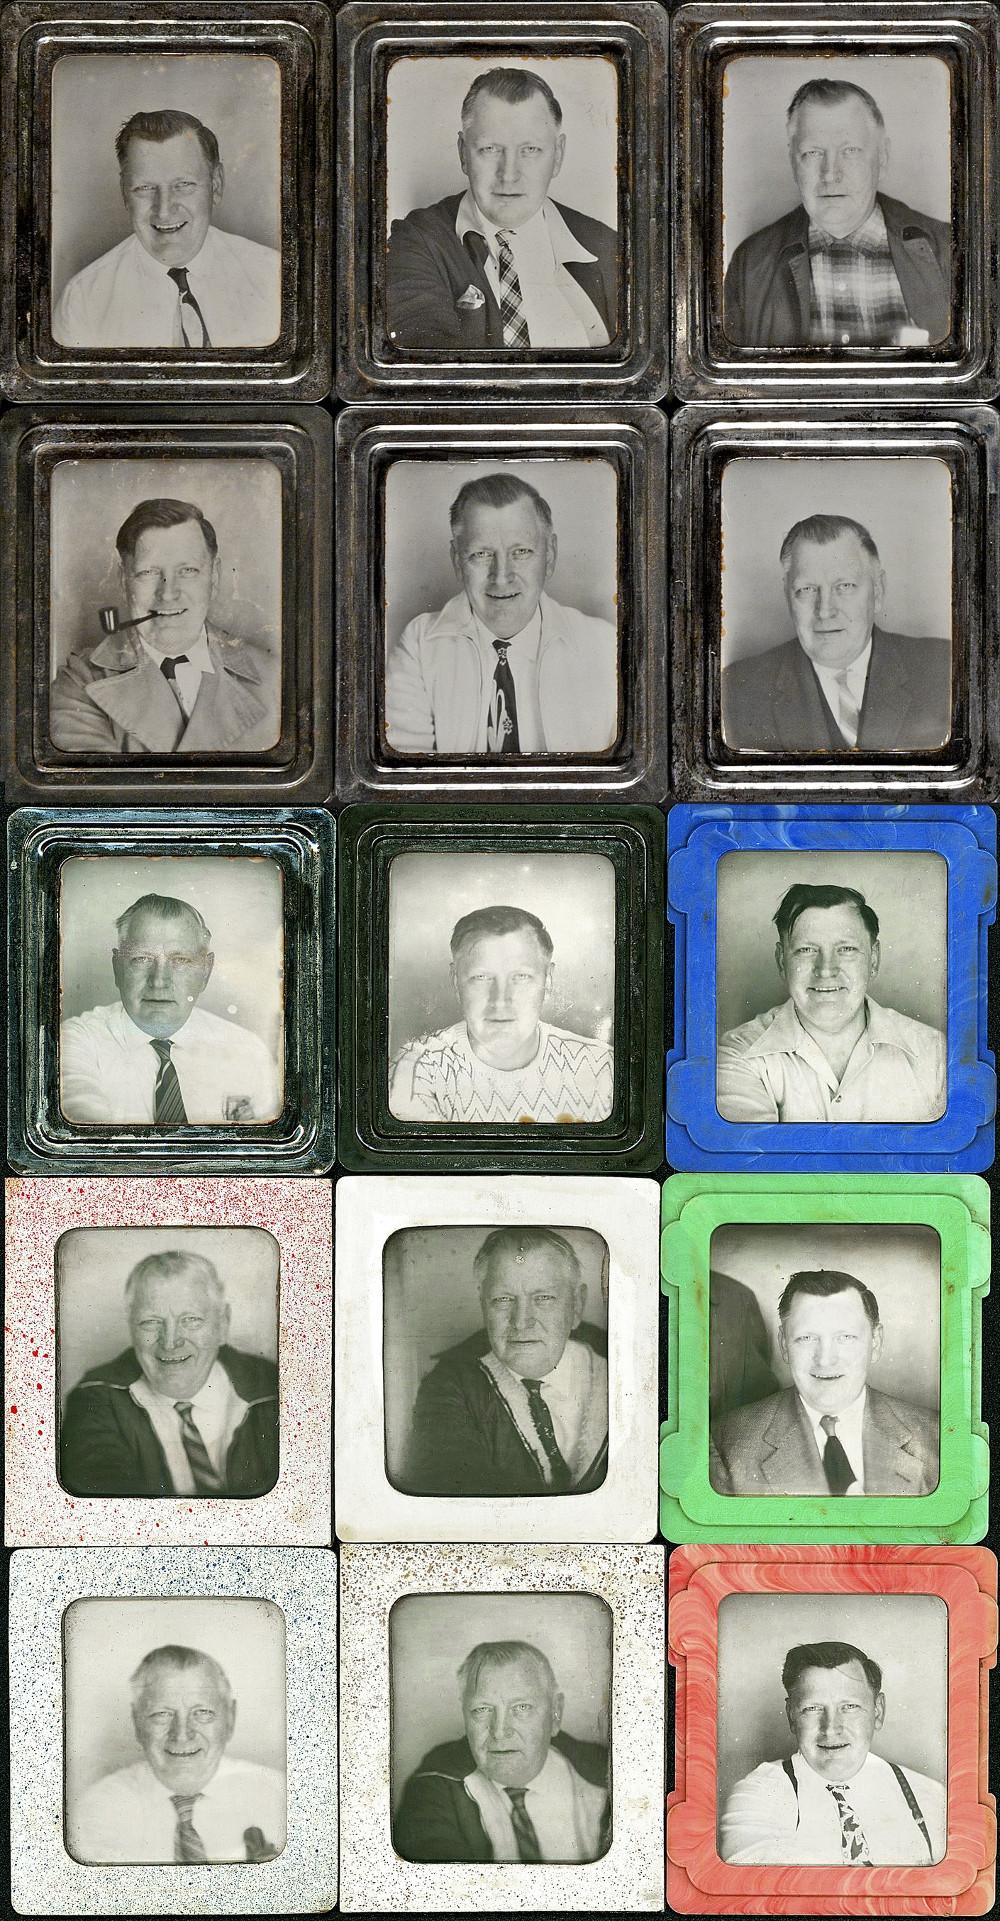 автопортреты из фотобудки